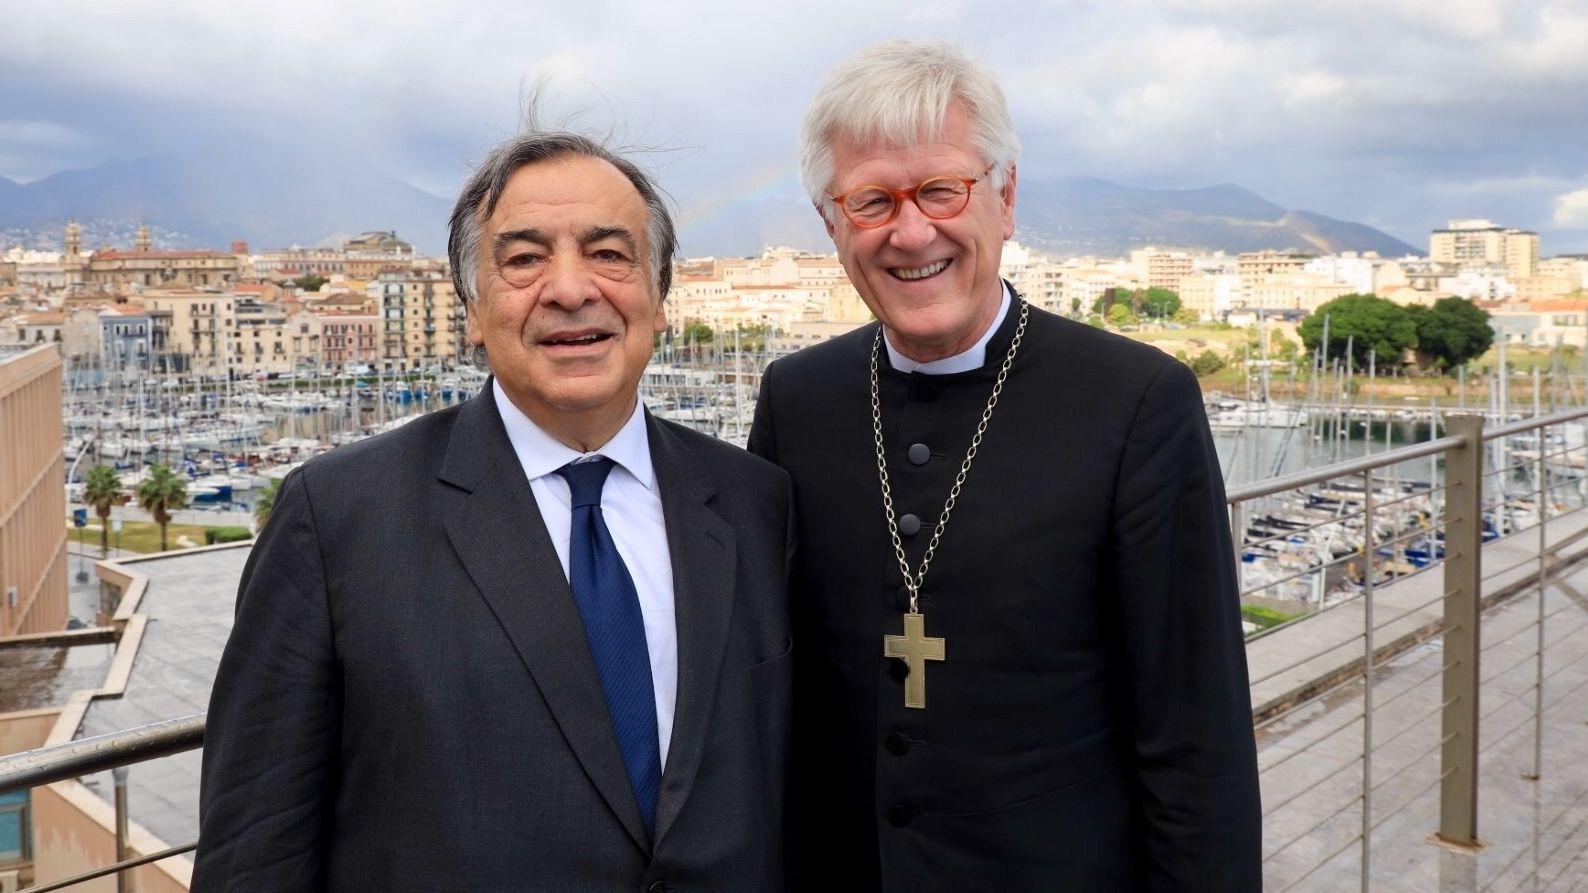 Palermos Bürgermeister Leoluca Orlando (l) mit dem bayerischen Landesbischof Heinrich Bedford-Strohm.